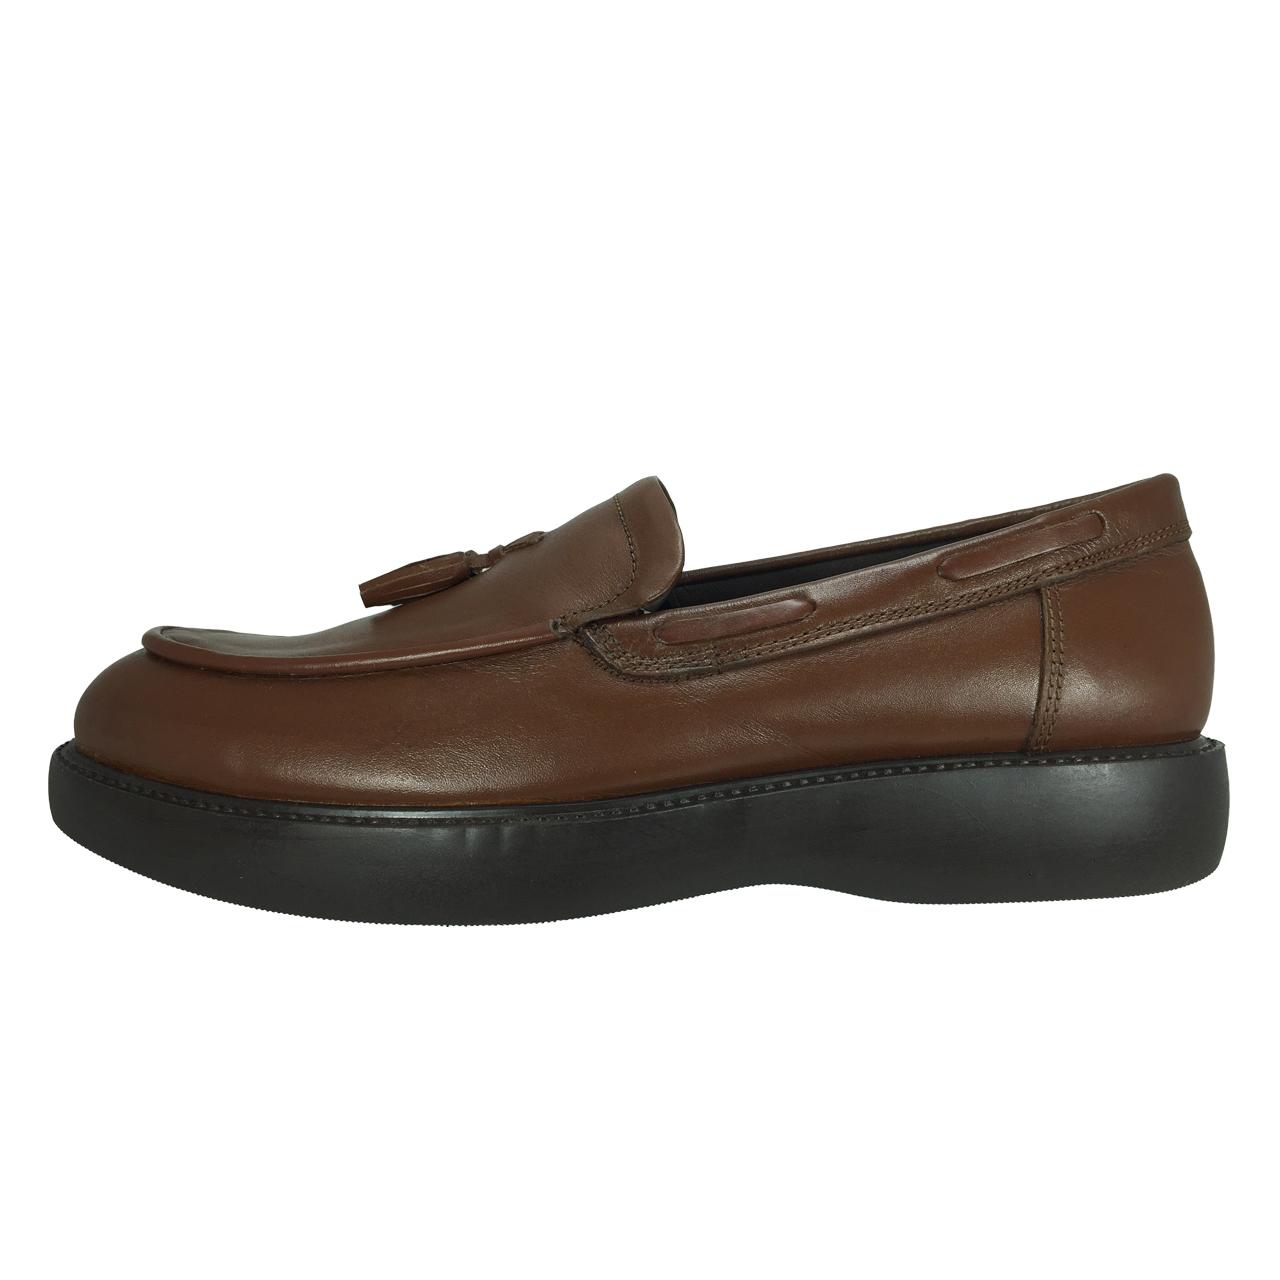 کفش مردانه مدل B256 رنگ عسلی